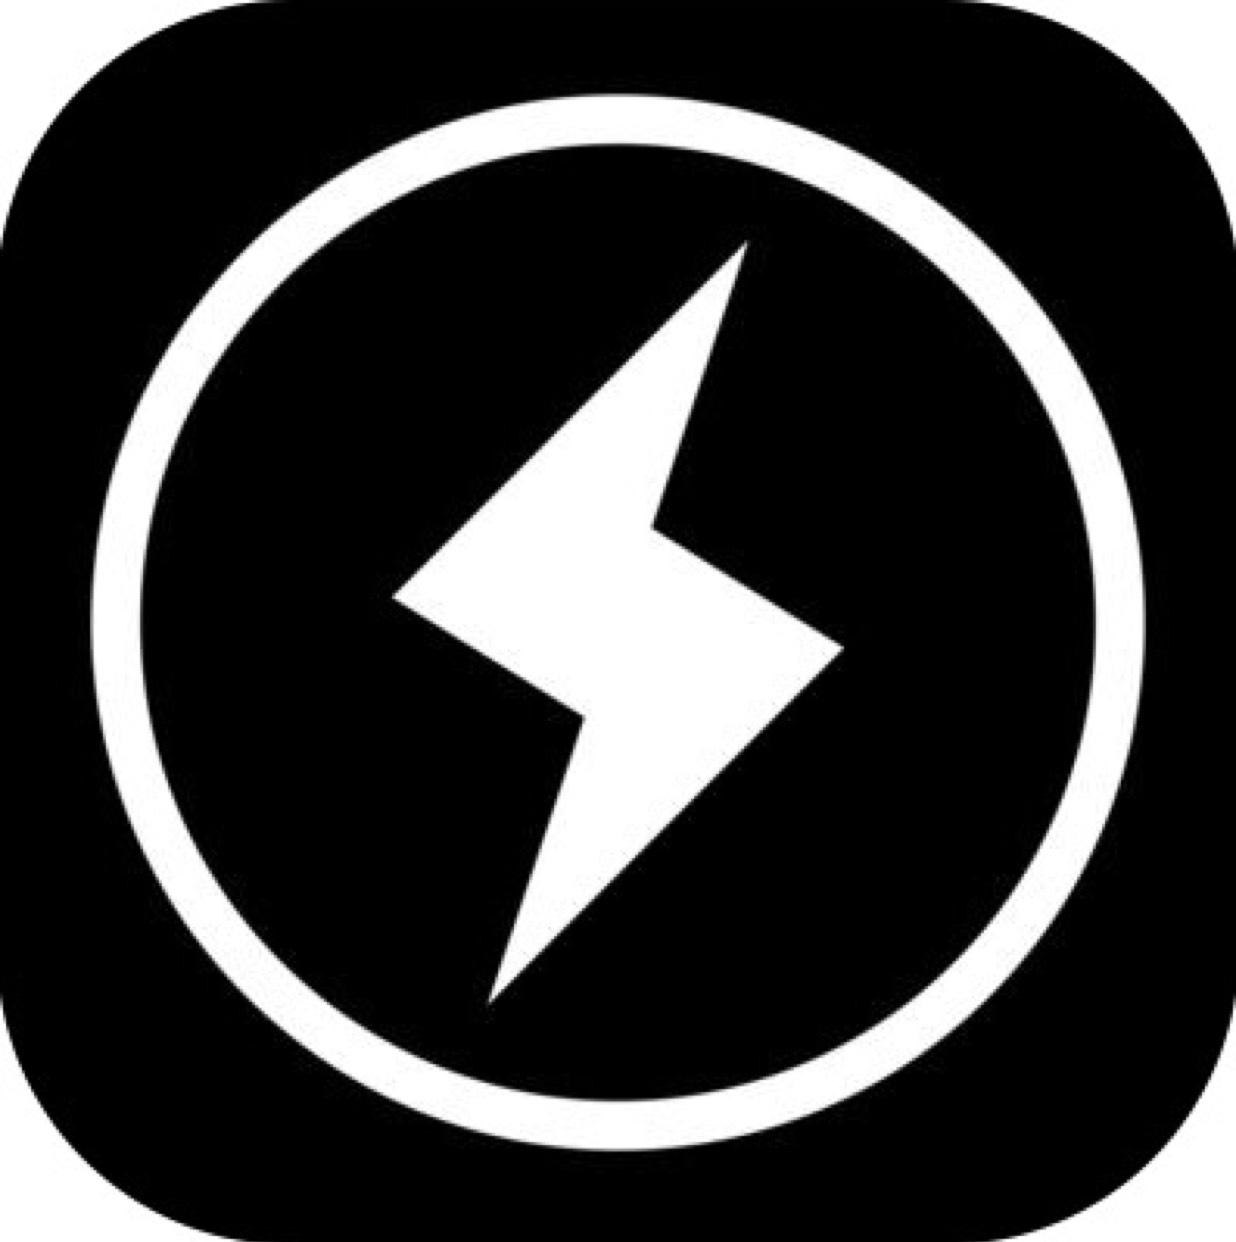 [iOS] Instaflash Pro - Bildbearbeitung kostenlos statt 5,49€